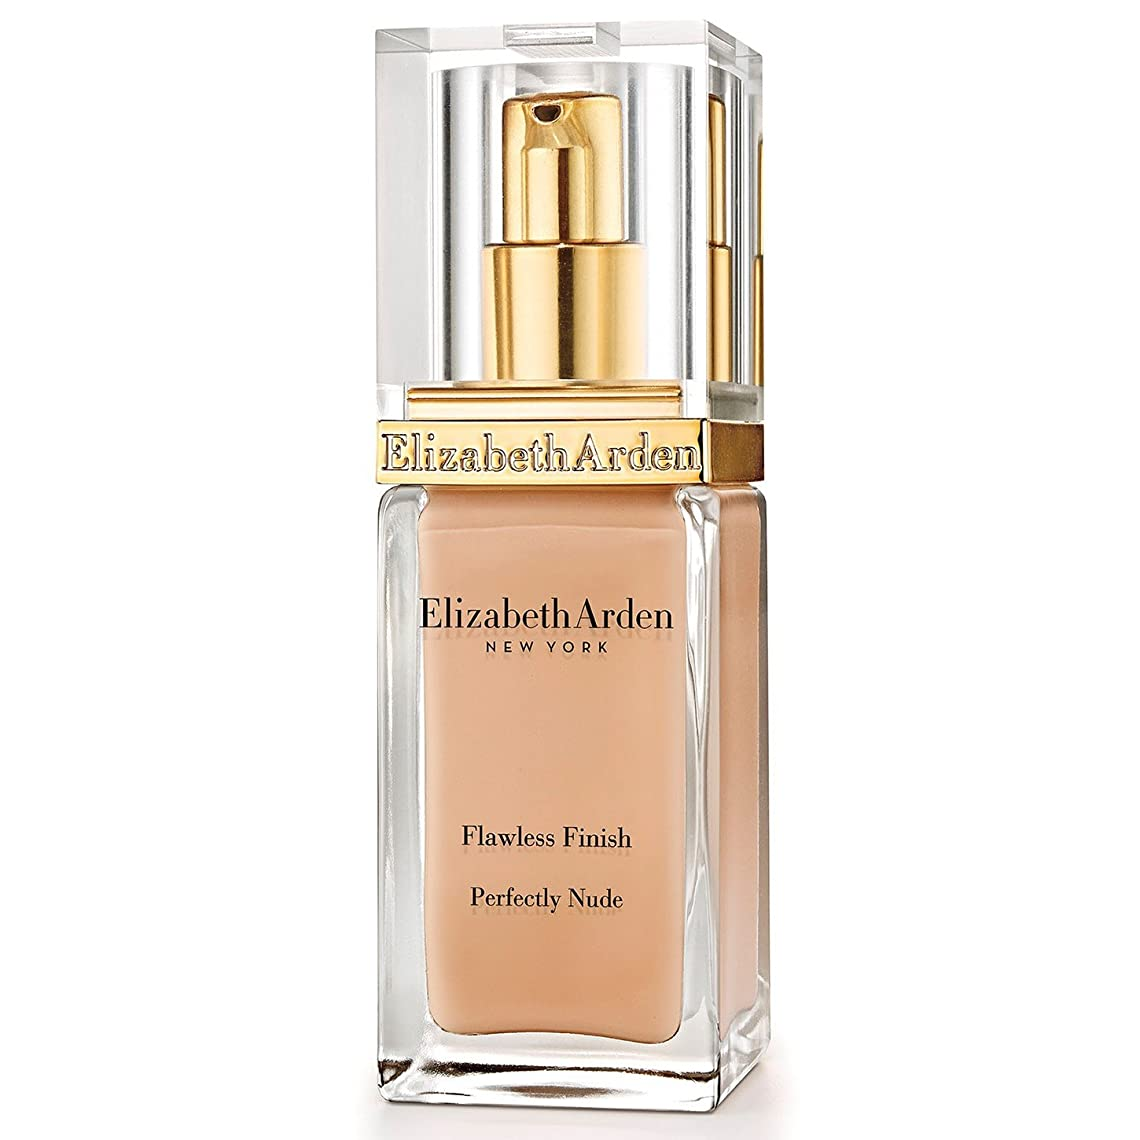 ノベルティ検出する不均一Elizabeth Arden Flawless Finish Perfectly Nude Foundation SPF 15 Nude (Pack of 6) - エリザベスアーデン完璧な仕上がり完璧ヌード基礎 15ヌード x6 [並行輸入品]